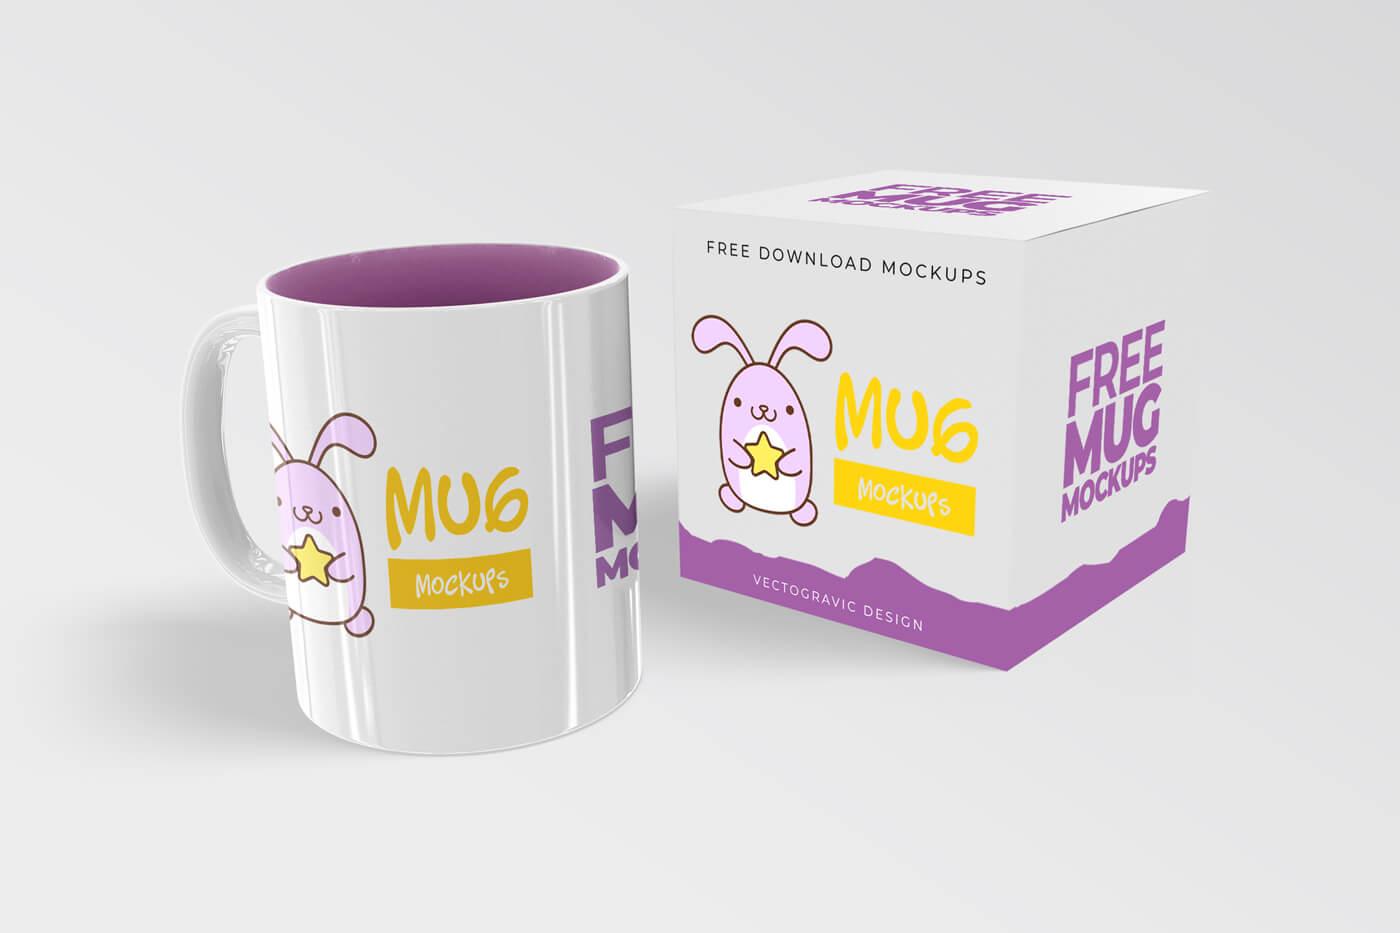 Free-Mug-Mockups-01